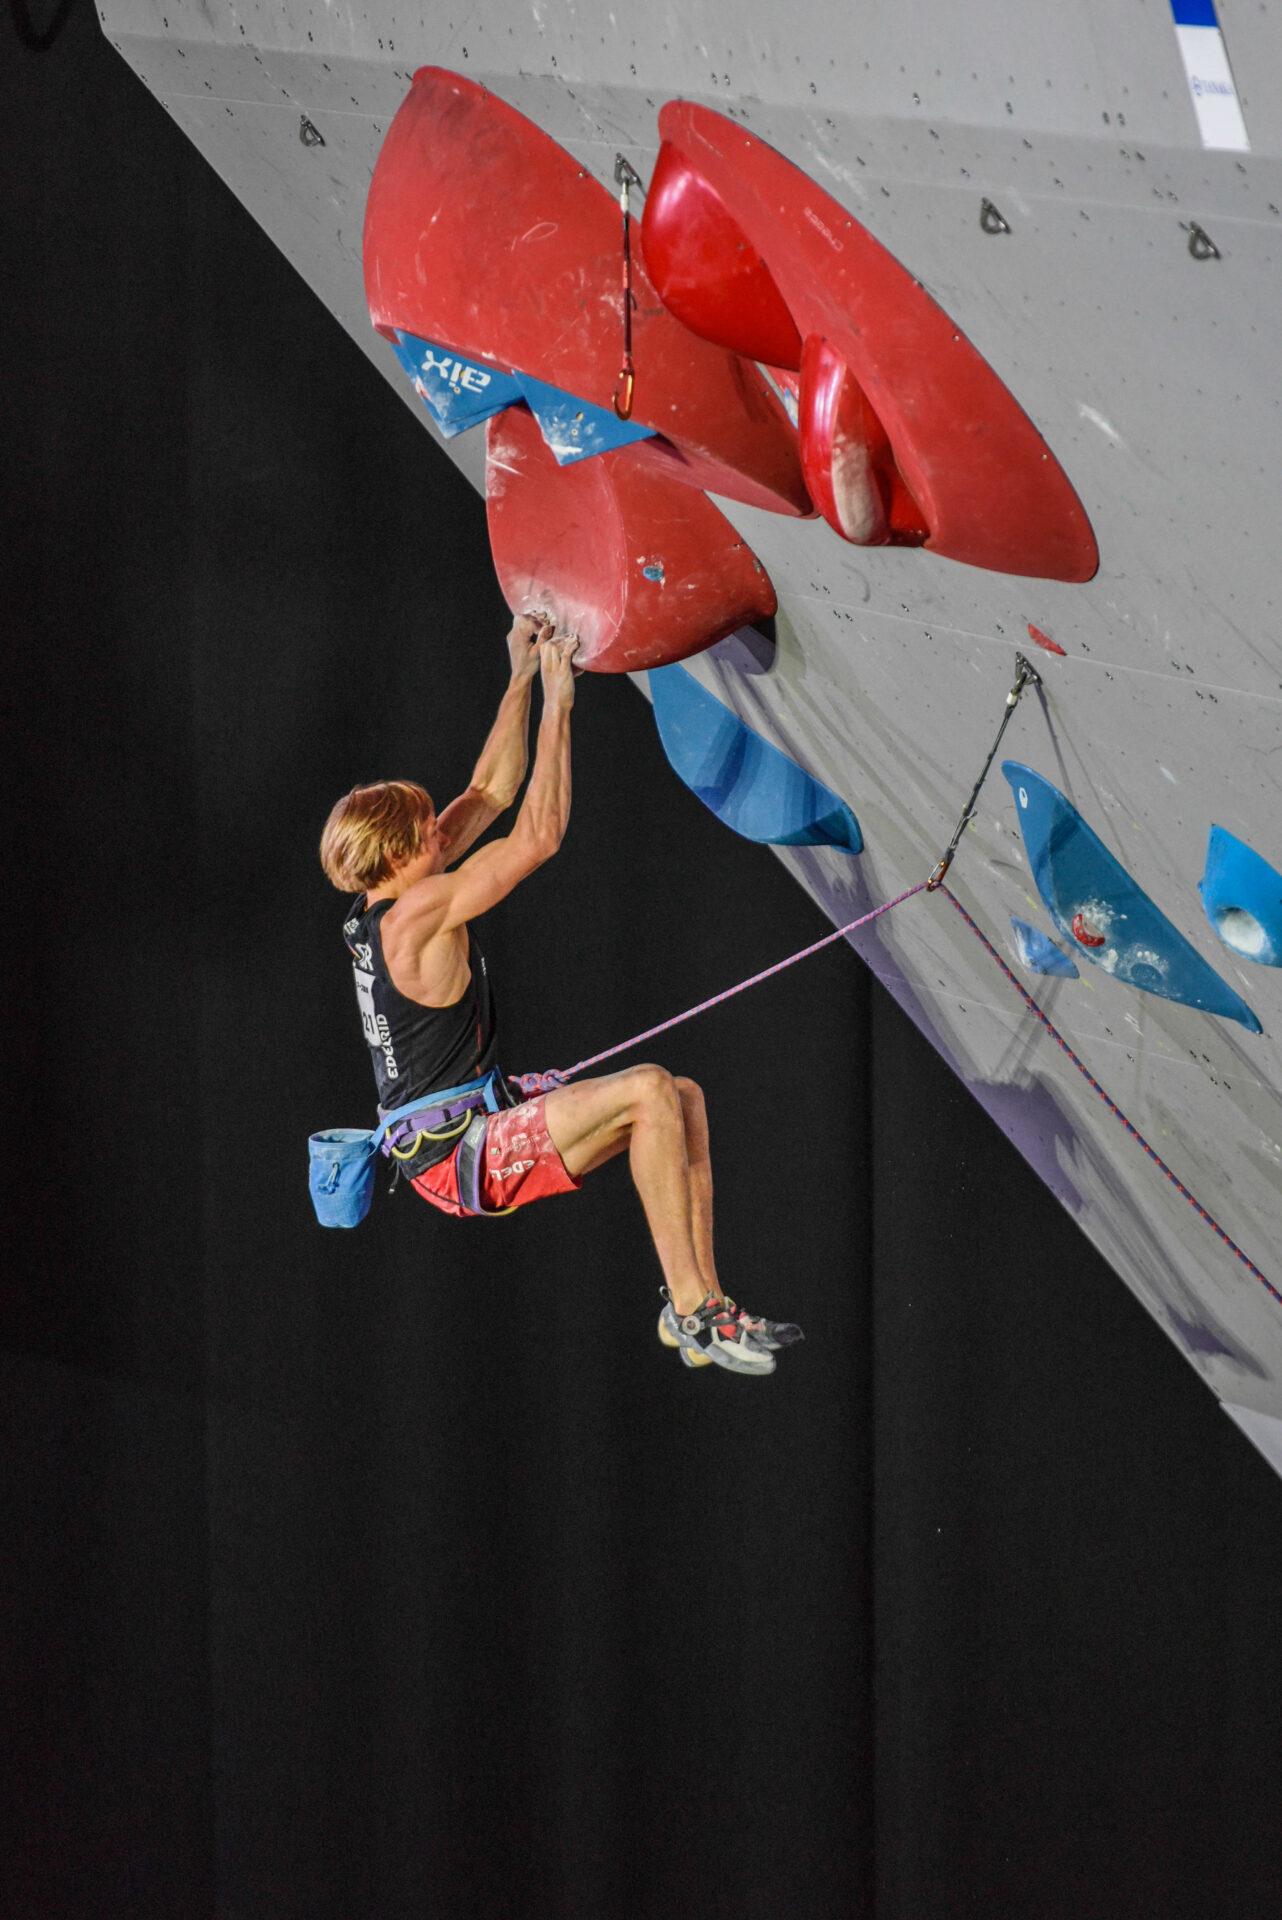 Alex Megos hängt im Überhang mit zwei Händen an einem Griff ohne Tritte